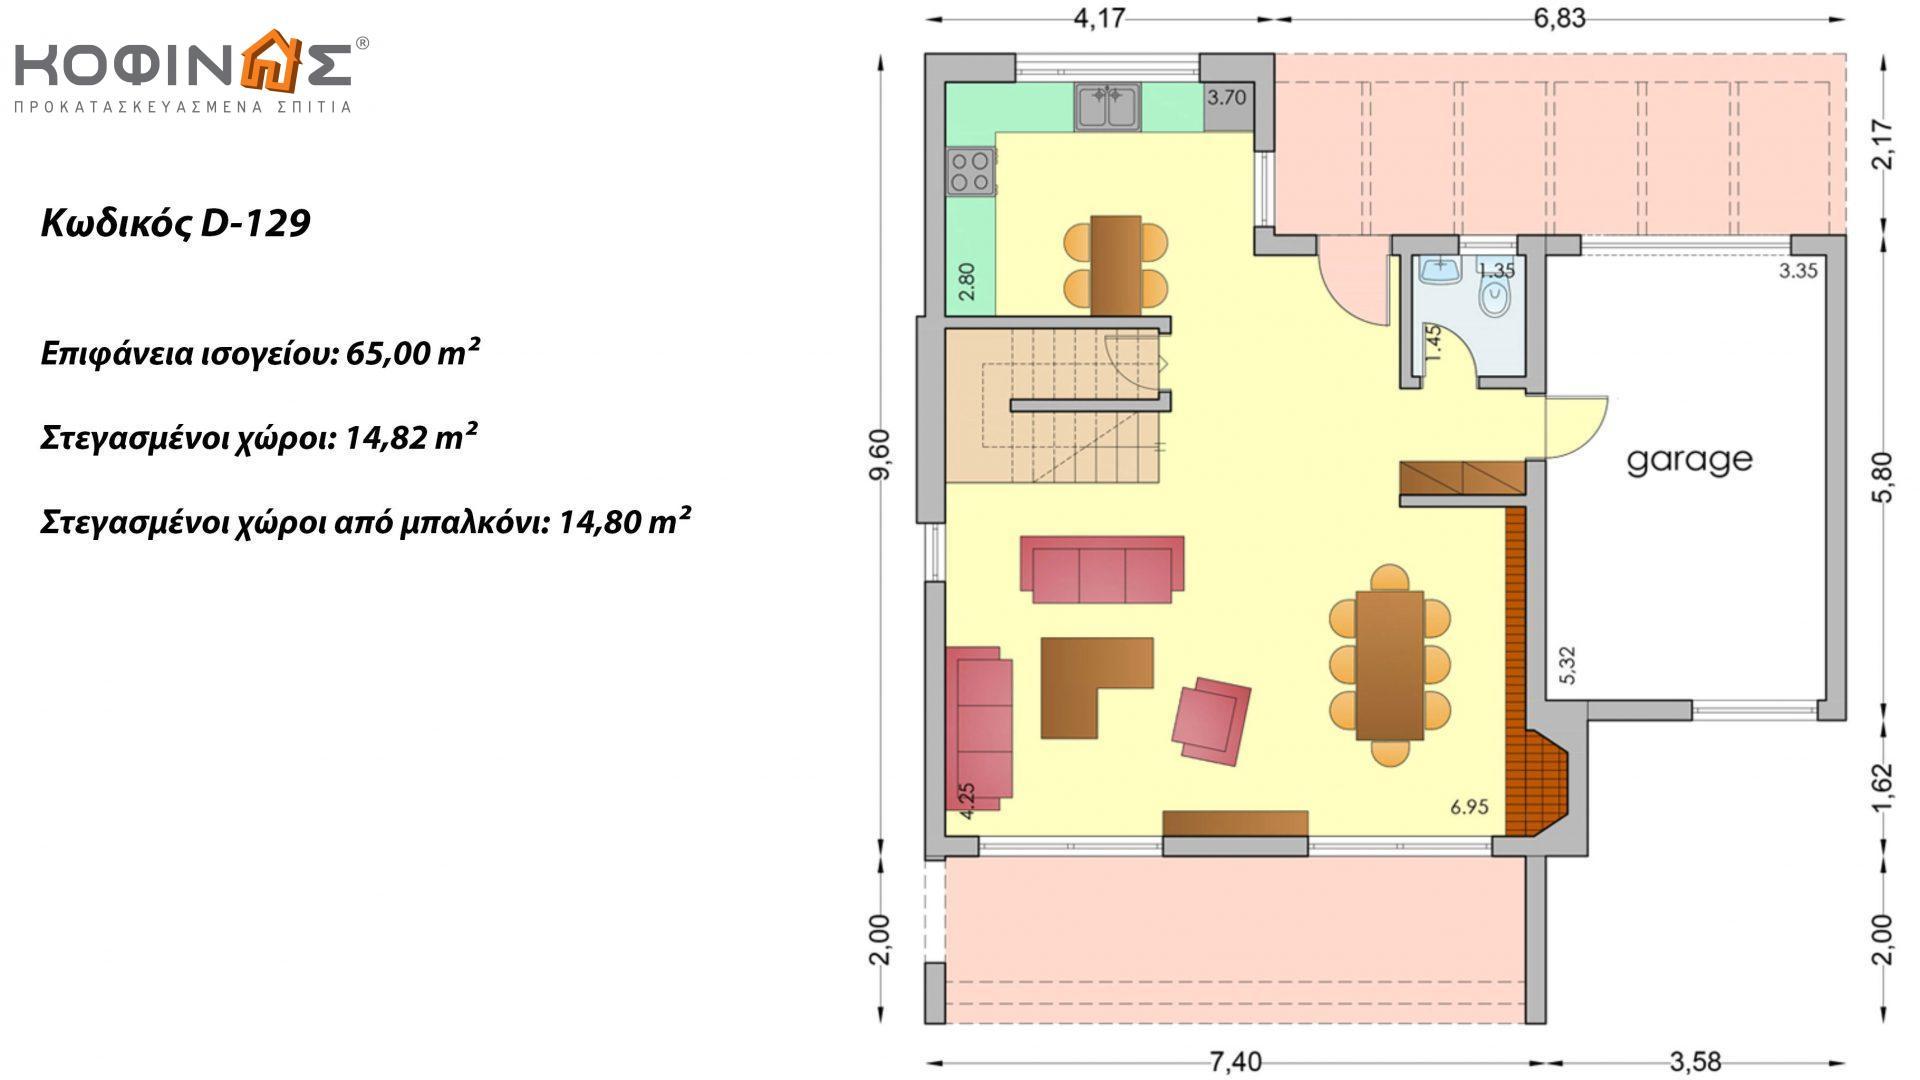 Διώροφη Κατοικία D-129, συνολικής επιφάνειας 129,50 τ.μ., συνολική επιφάνεια στεγασμένων χώρων 40.70 τ.μ., μπαλκόνια 11.10 τ.μ.